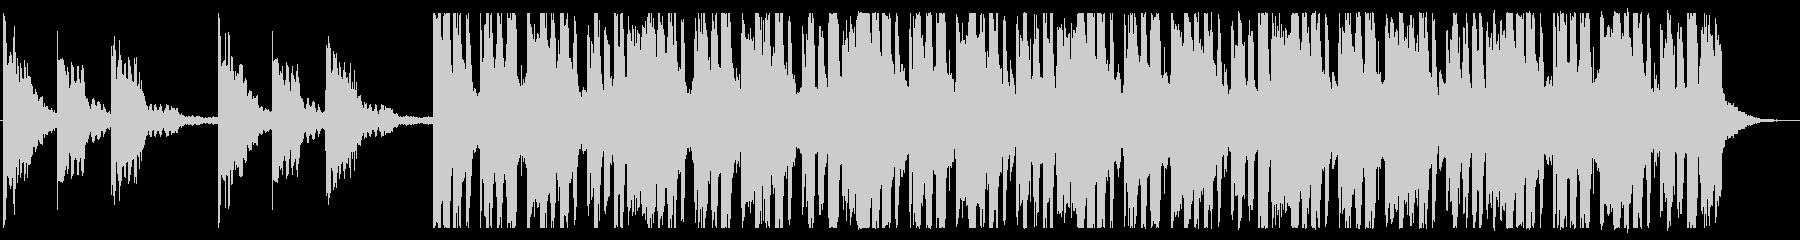 浮遊感/孤独/R&B_No437_2の未再生の波形